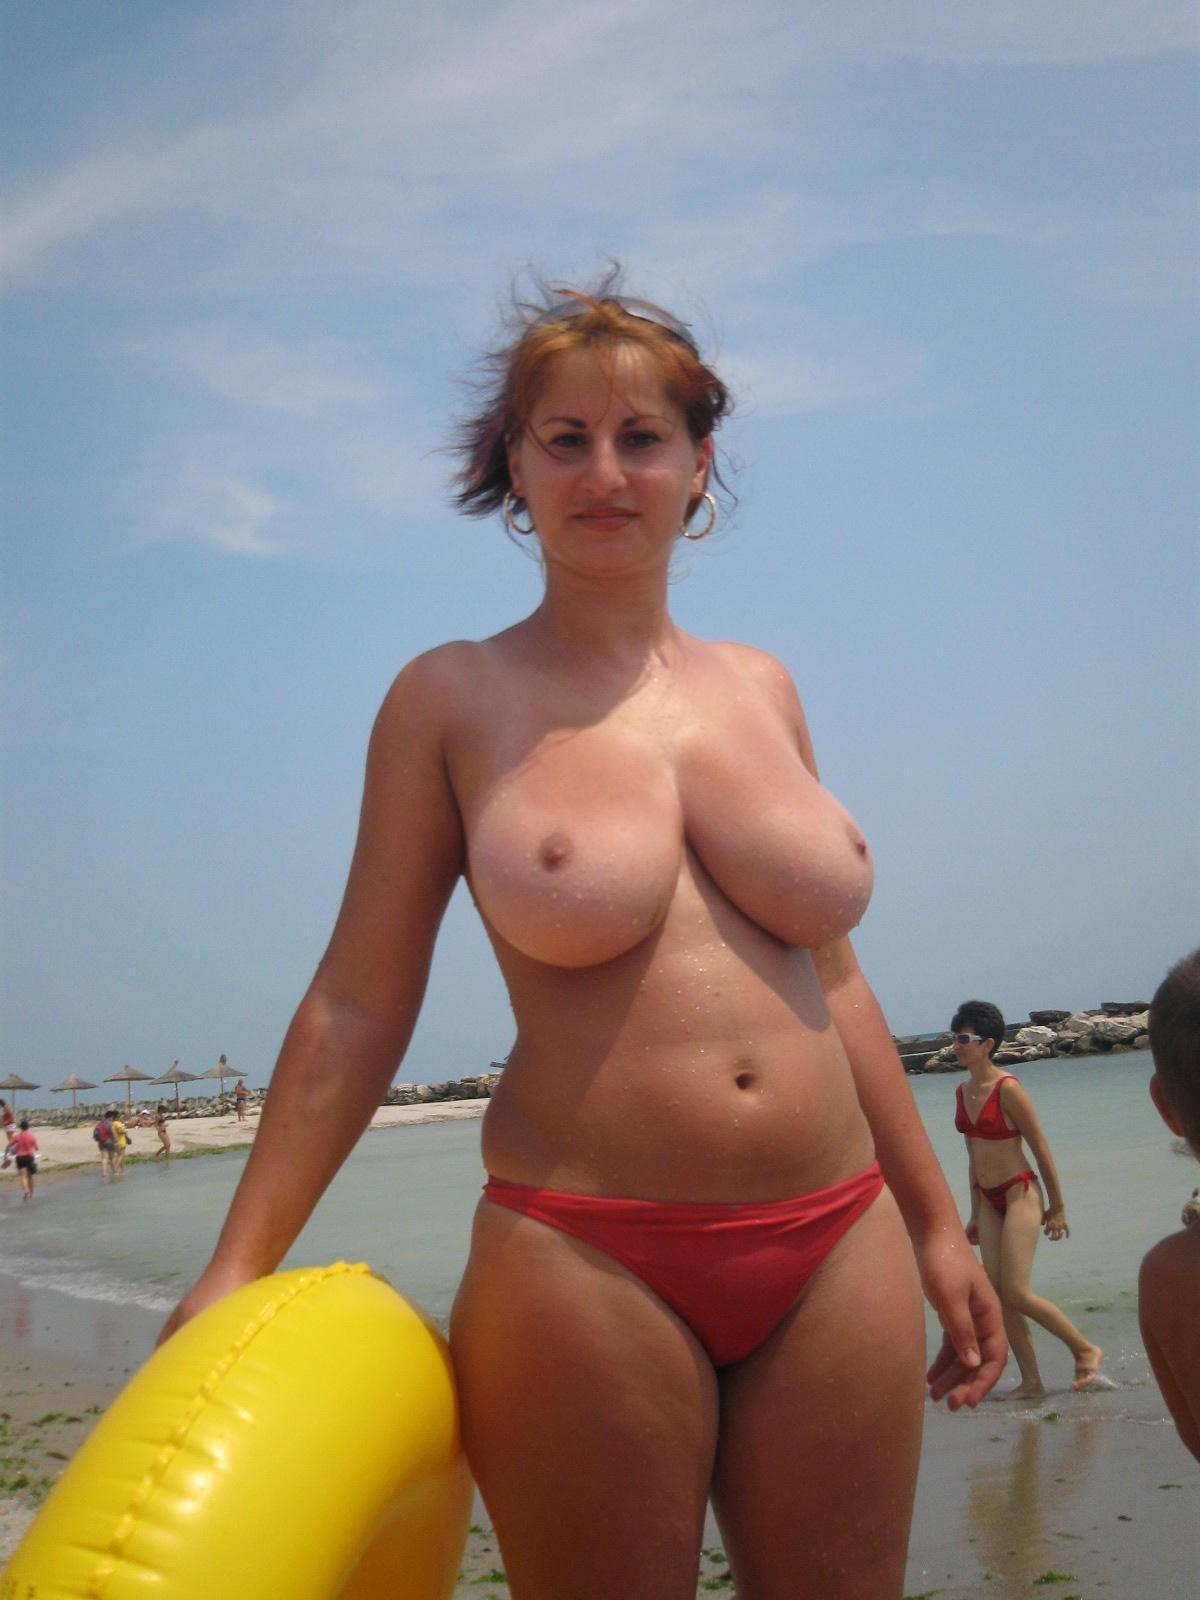 squishy tits